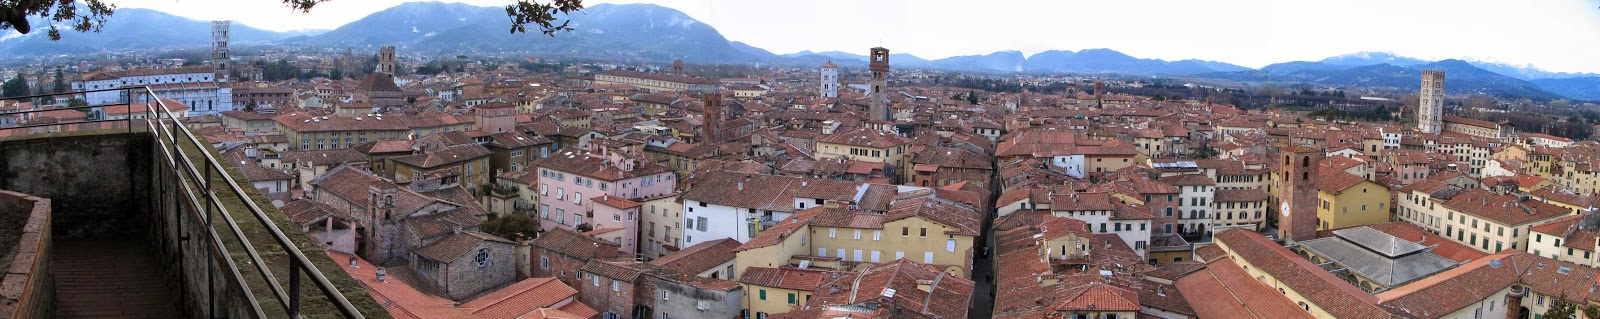 Italia - Lucca